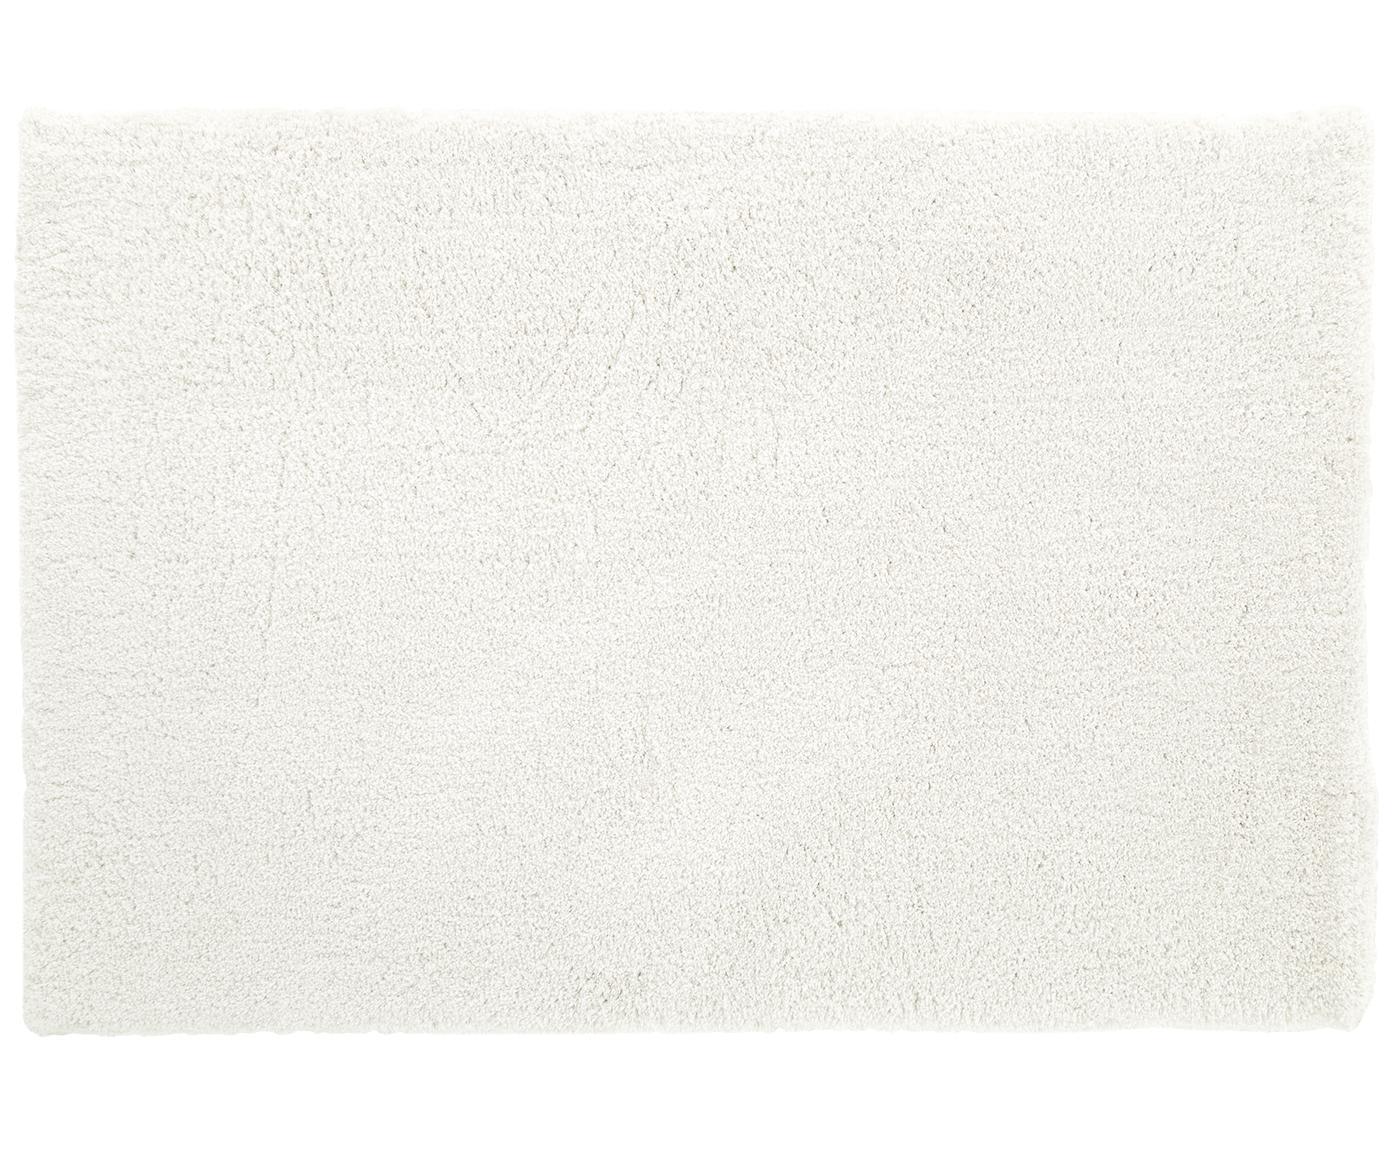 Pluizig hoogpolig vloerkleed Leighton in crèmekleur, Bovenzijde: 100% polyester (microveze, Onderzijde: 100% polyester, Crèmekleurig, B 300 x L 400 cm (maat XL)